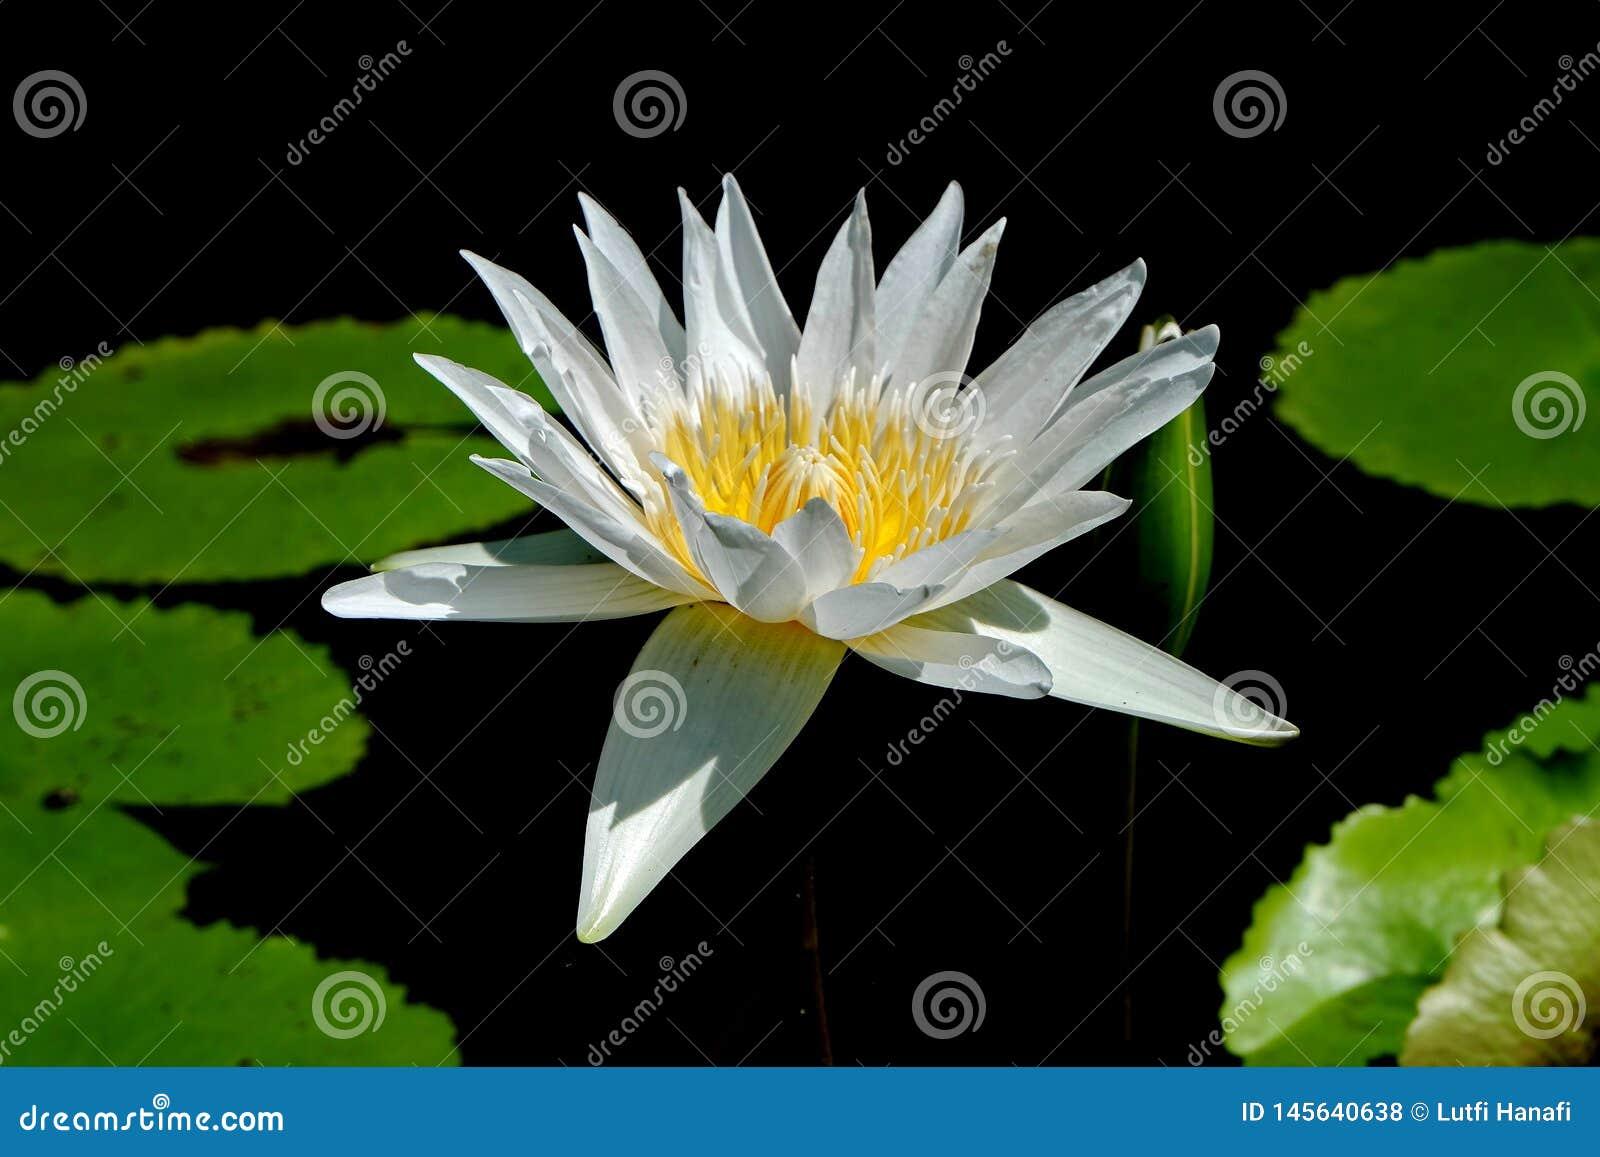 Lotus-de bloem, is een bloem die in het water groeit in sommige mythologieën en geloven zijn heilige bloemen